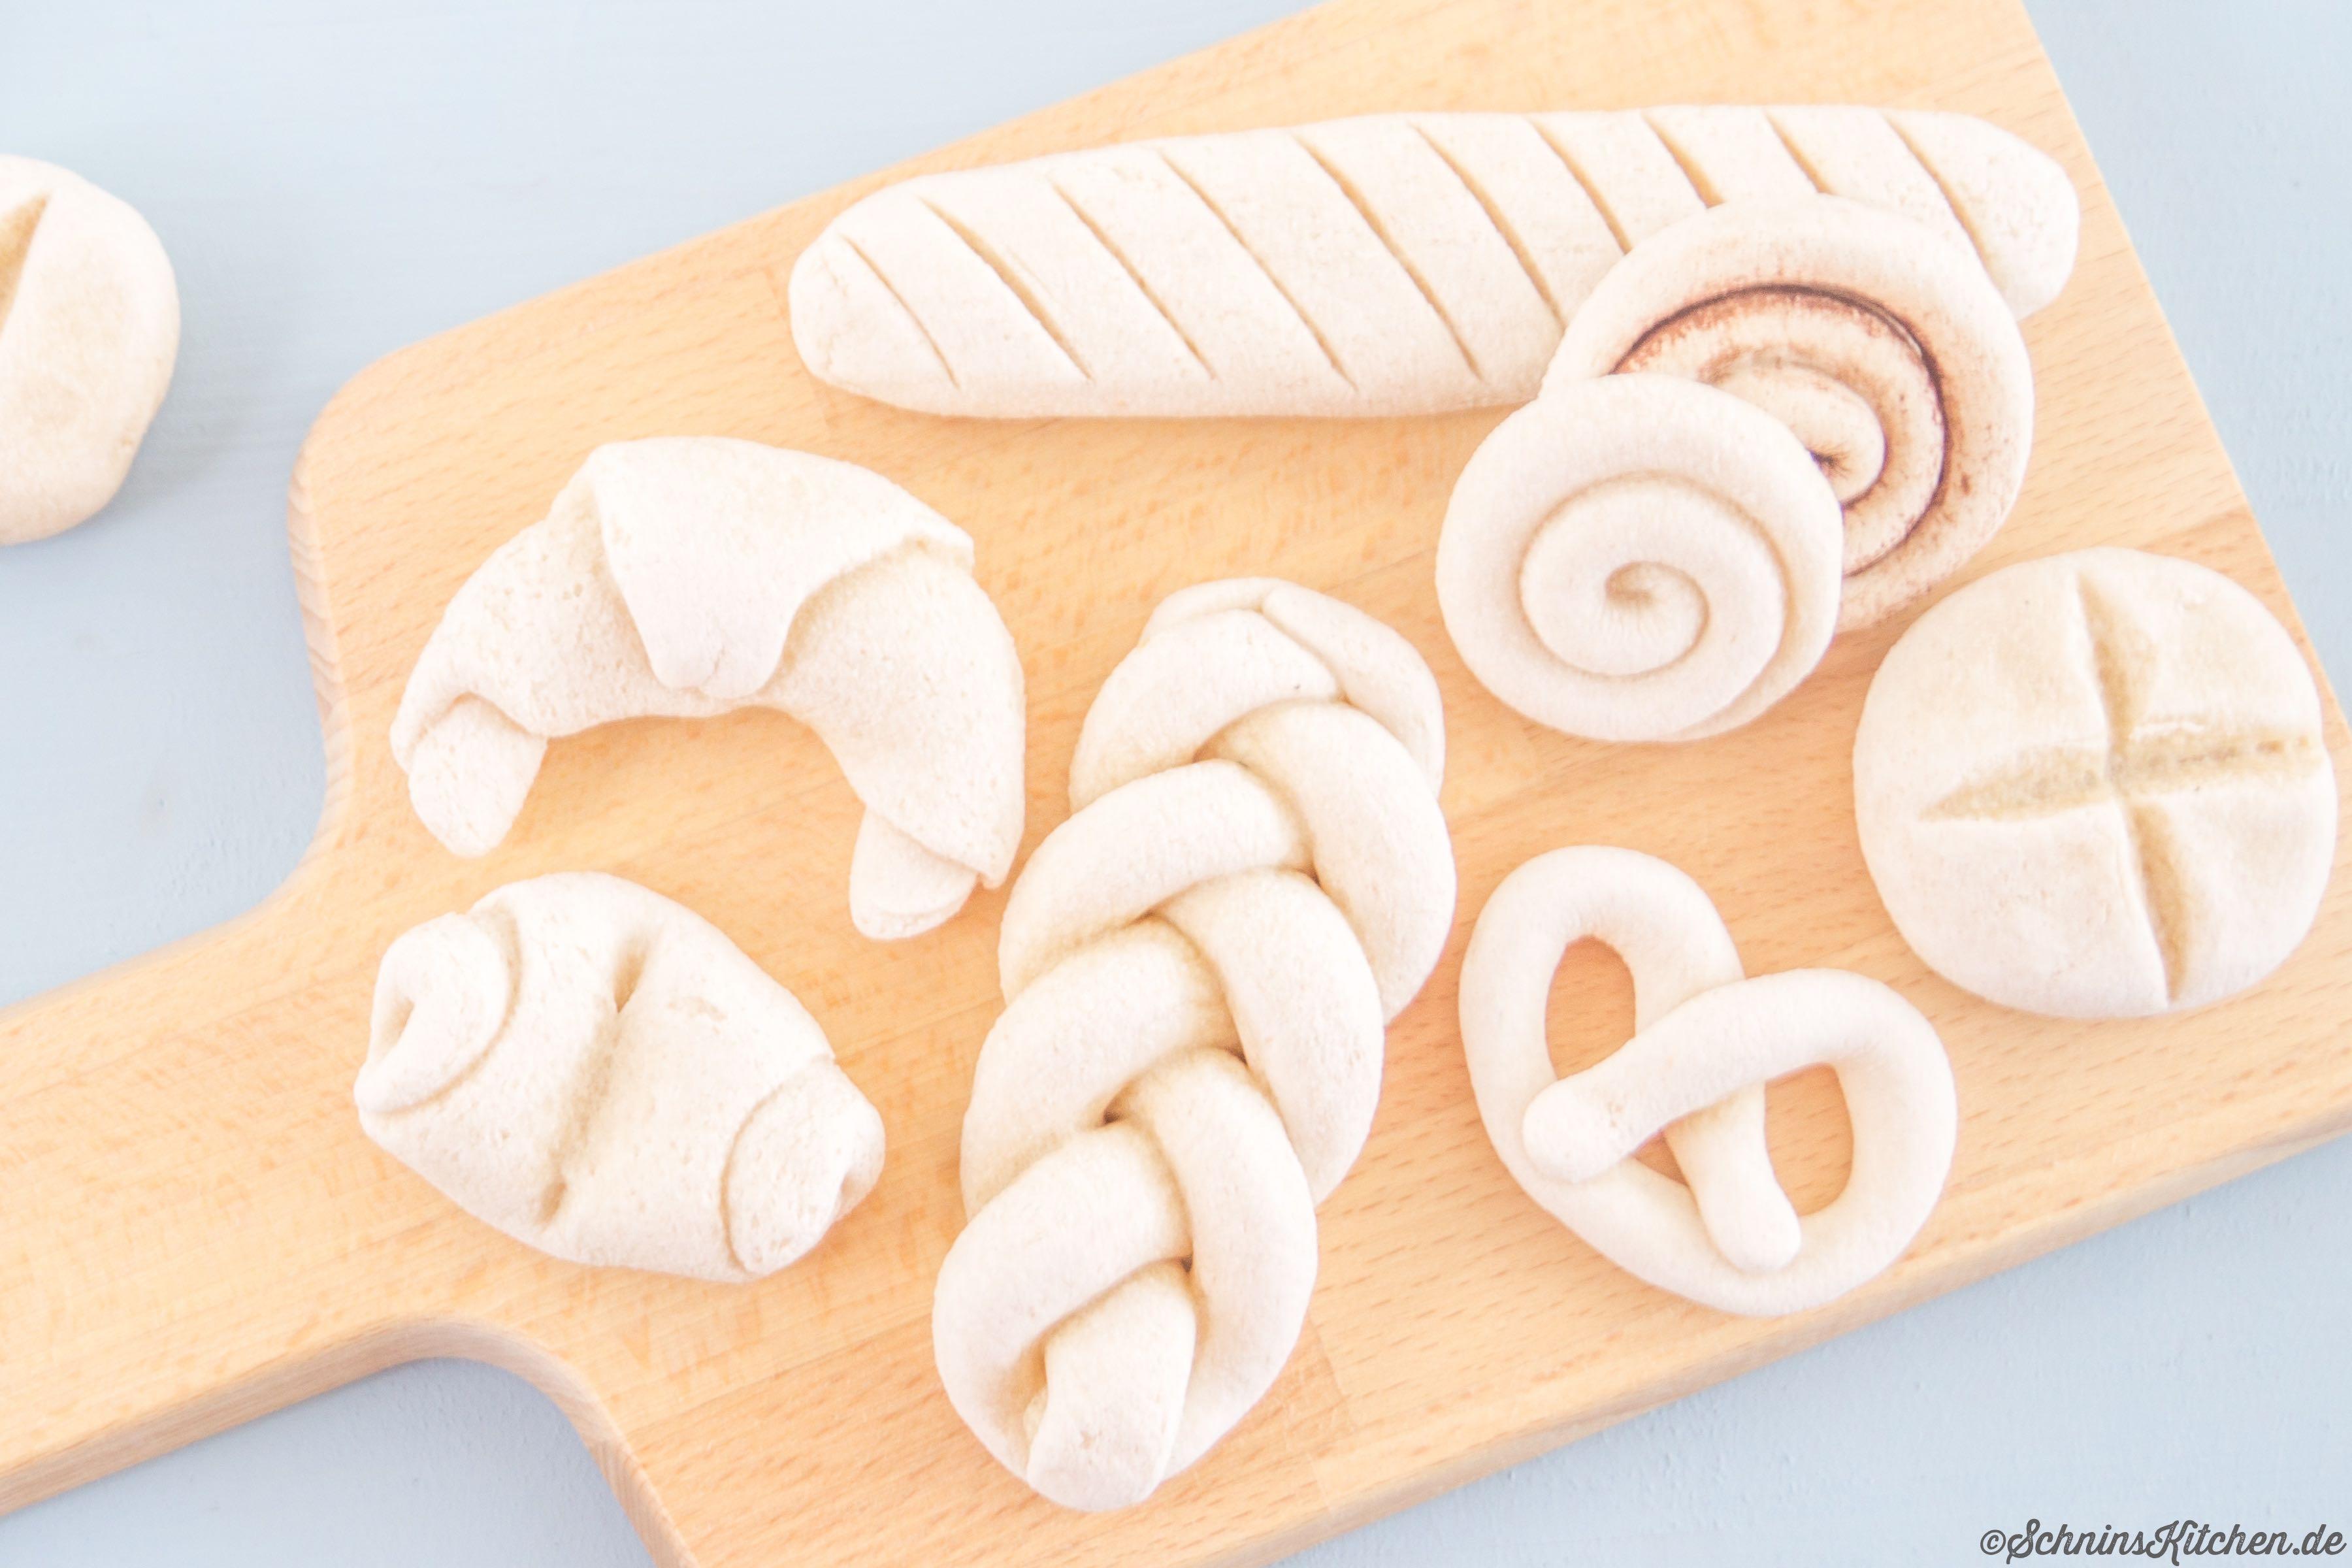 Gebäck aus Salzteig basteln für Kinderküche und Kaufladen - www.schninskitchen.de